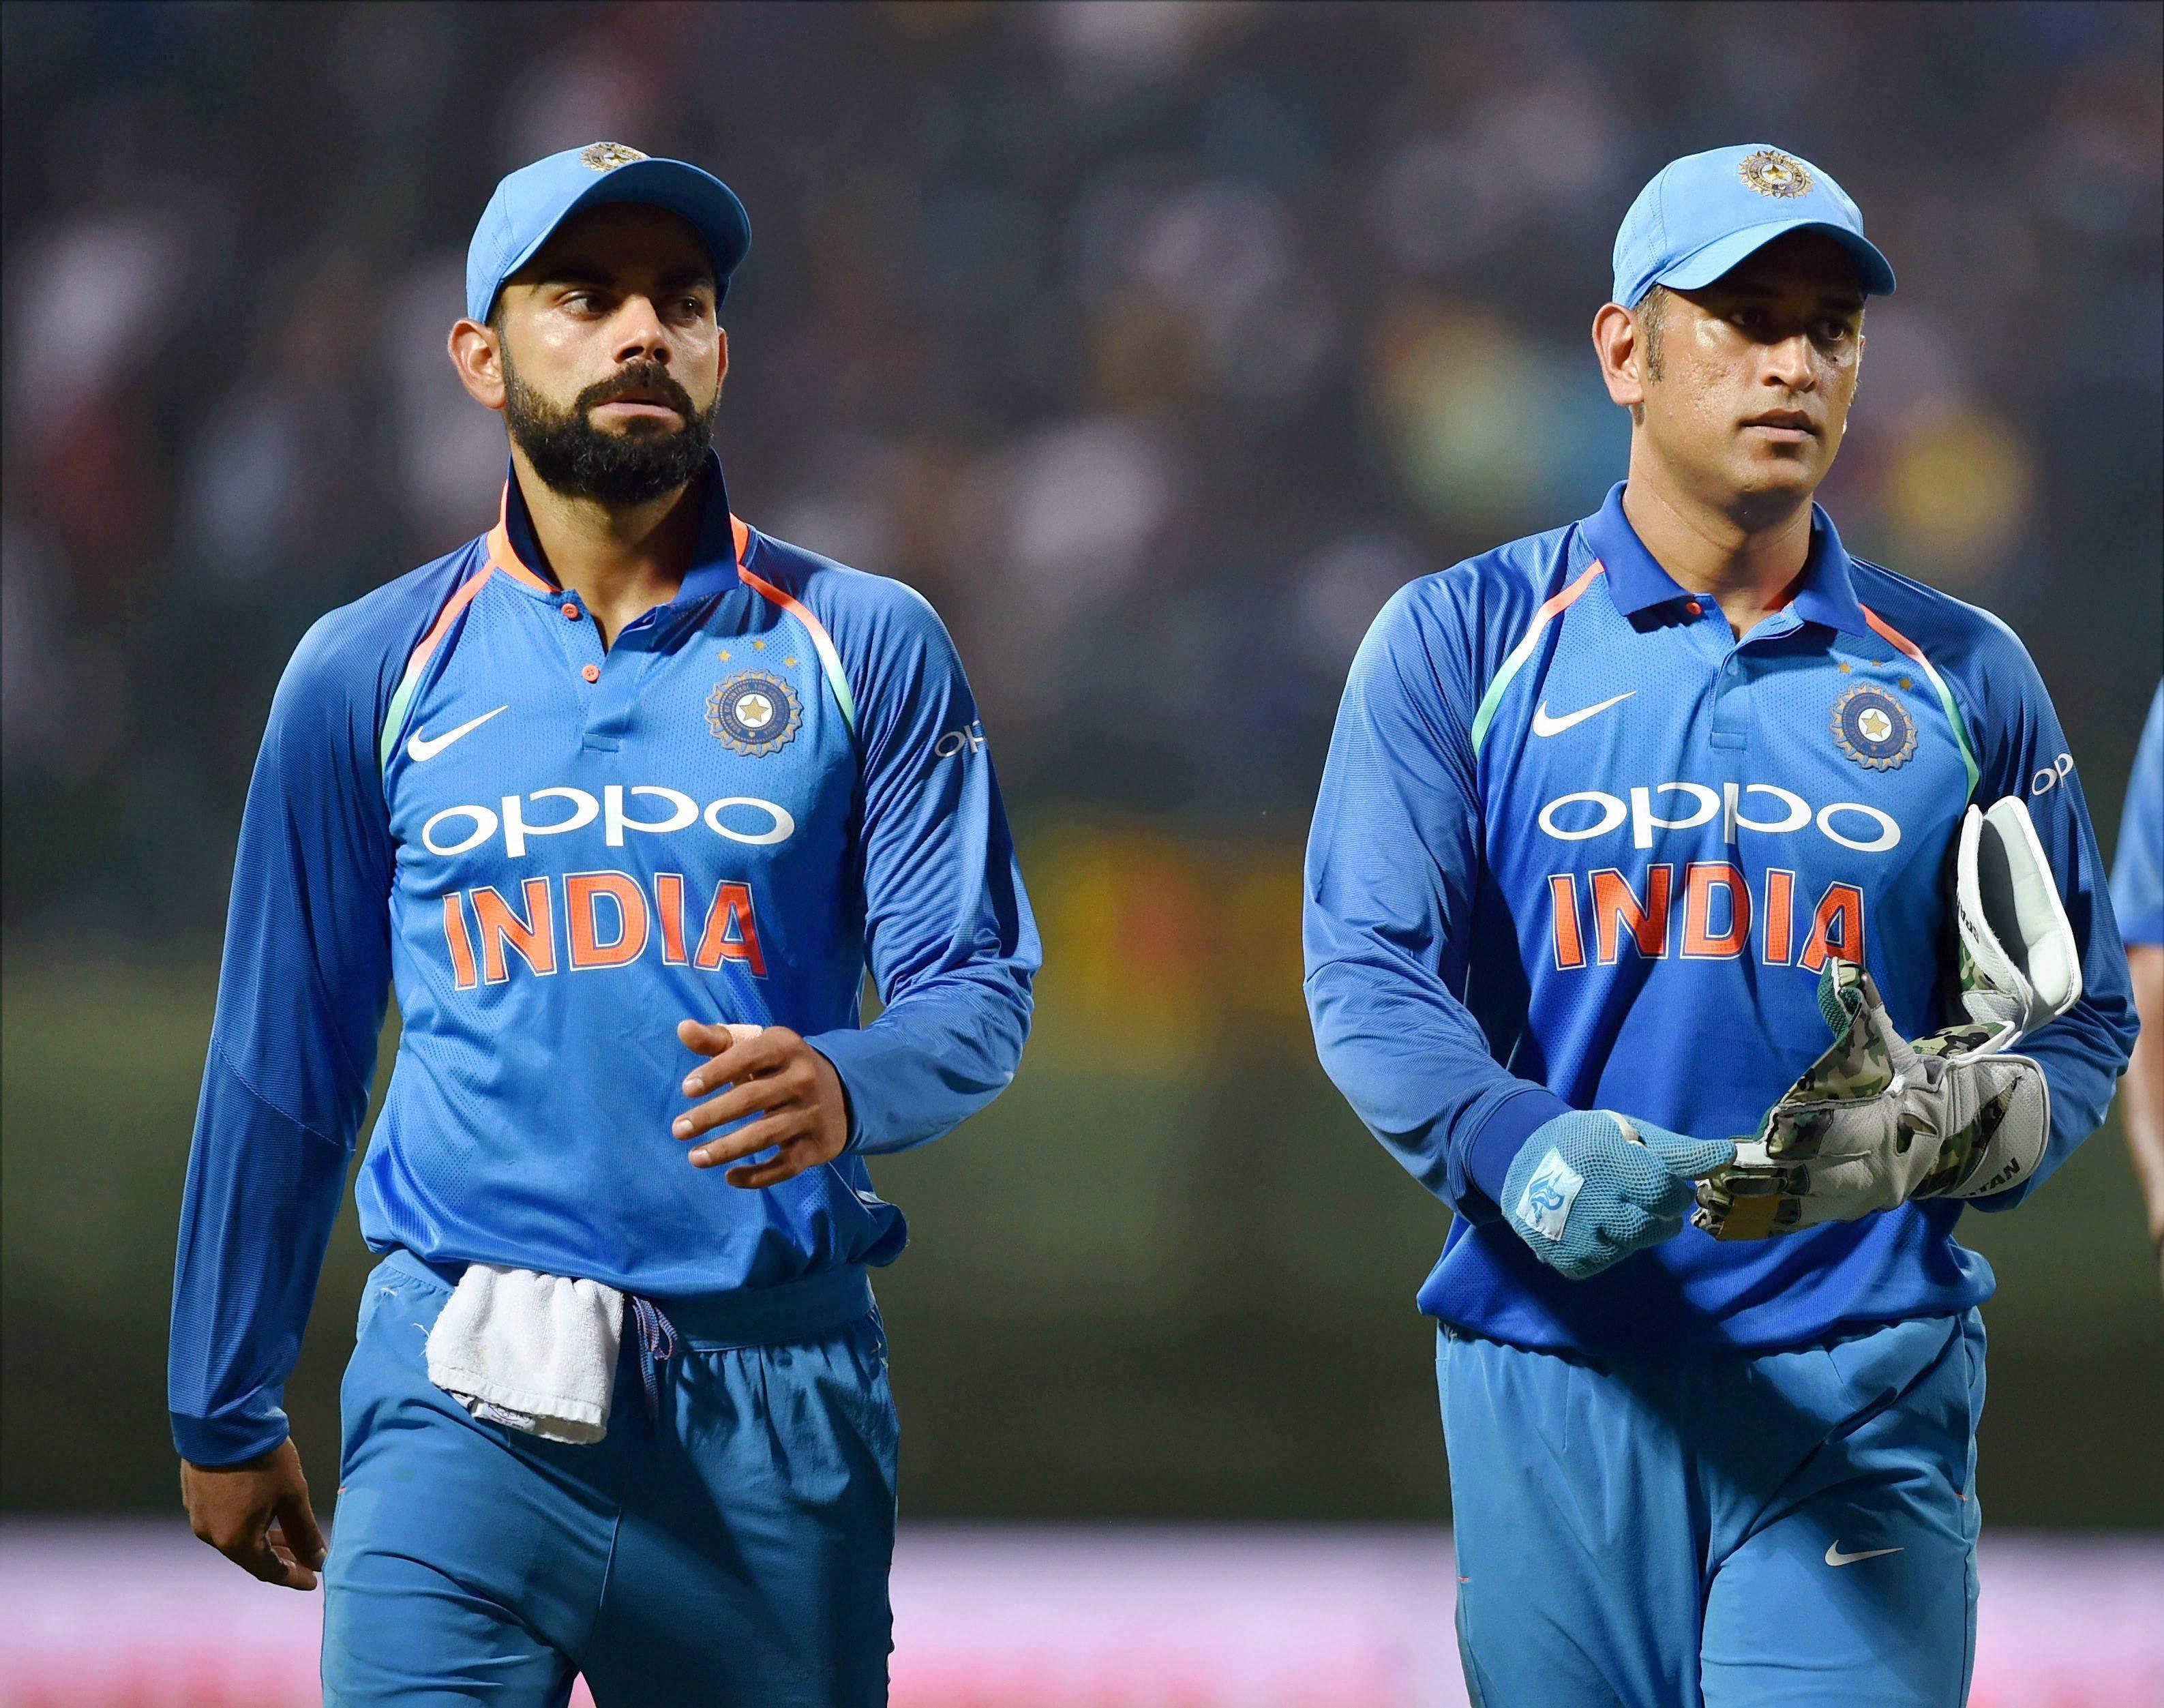 Virat Kohli surpasses MS Dhoni to become fastest to 5000 ODI runs as captain